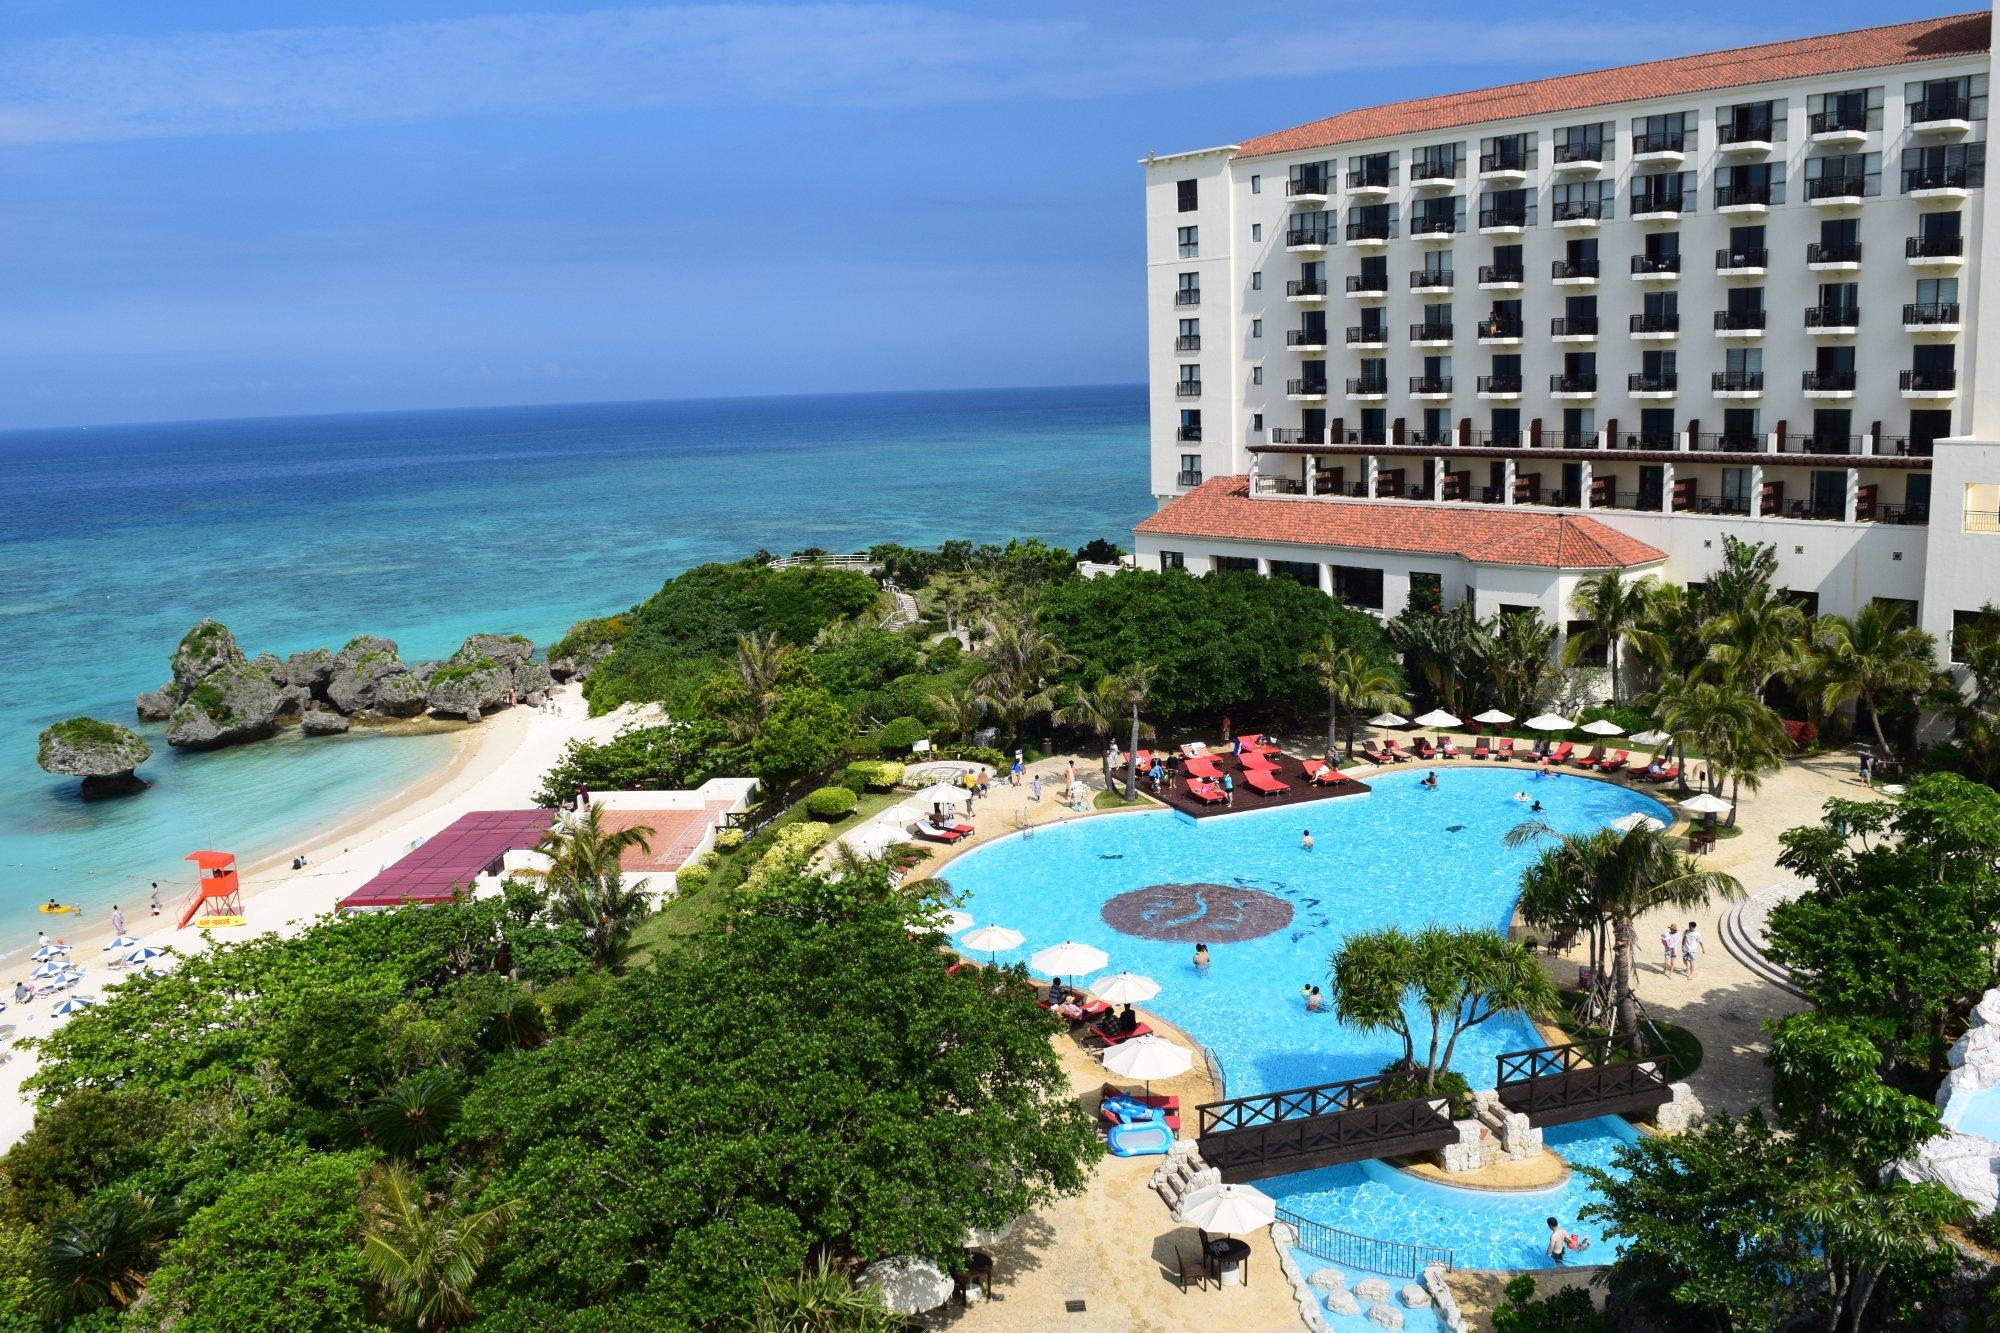 トリップアドバイザーが家族旅行に人気!沖縄ホテルランキング2019を発表